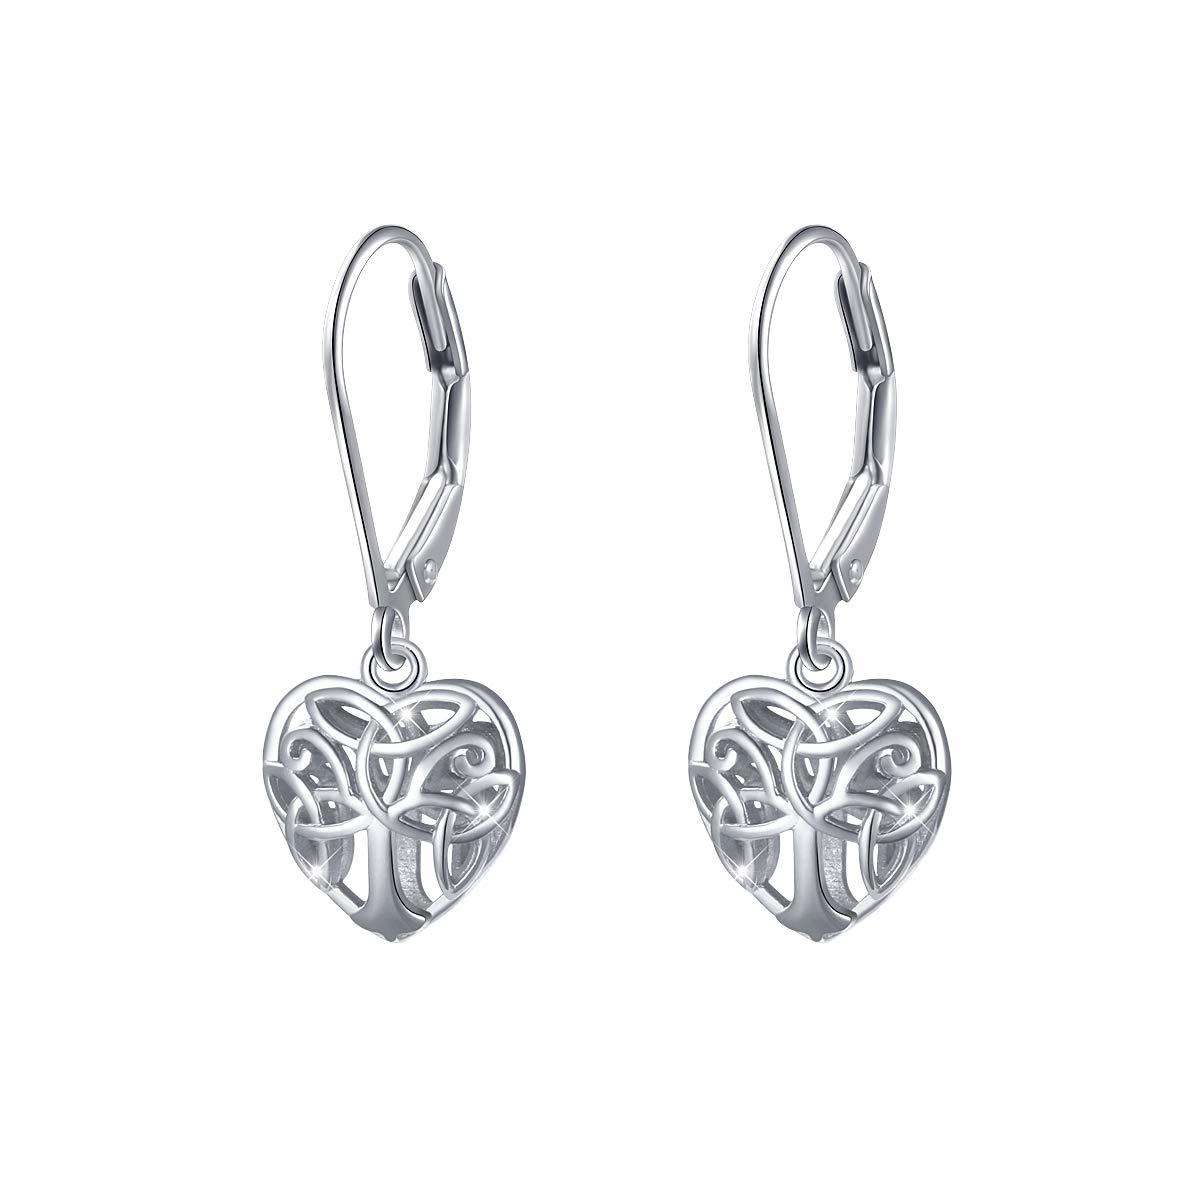 S925 Sterling Silver Dangle Drop Stud Earrings for Women Girl Gift ALPHM Jewelry Factory JE4307-Y